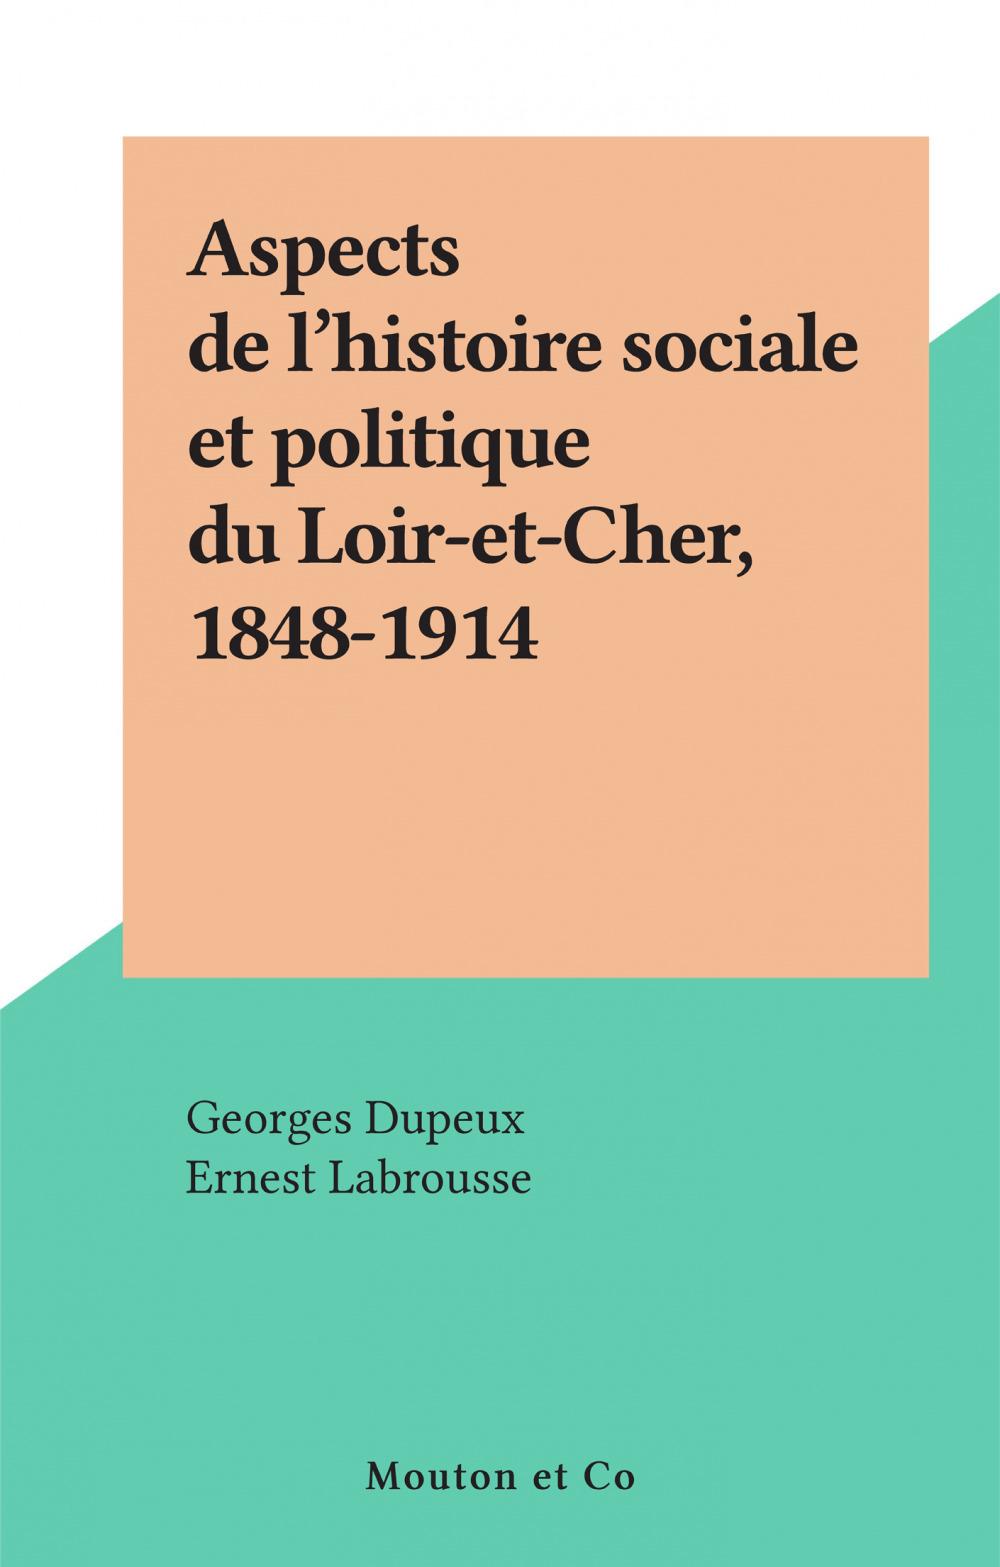 Aspects de l'histoire sociale et politique du Loir-et-Cher, 1848-1914